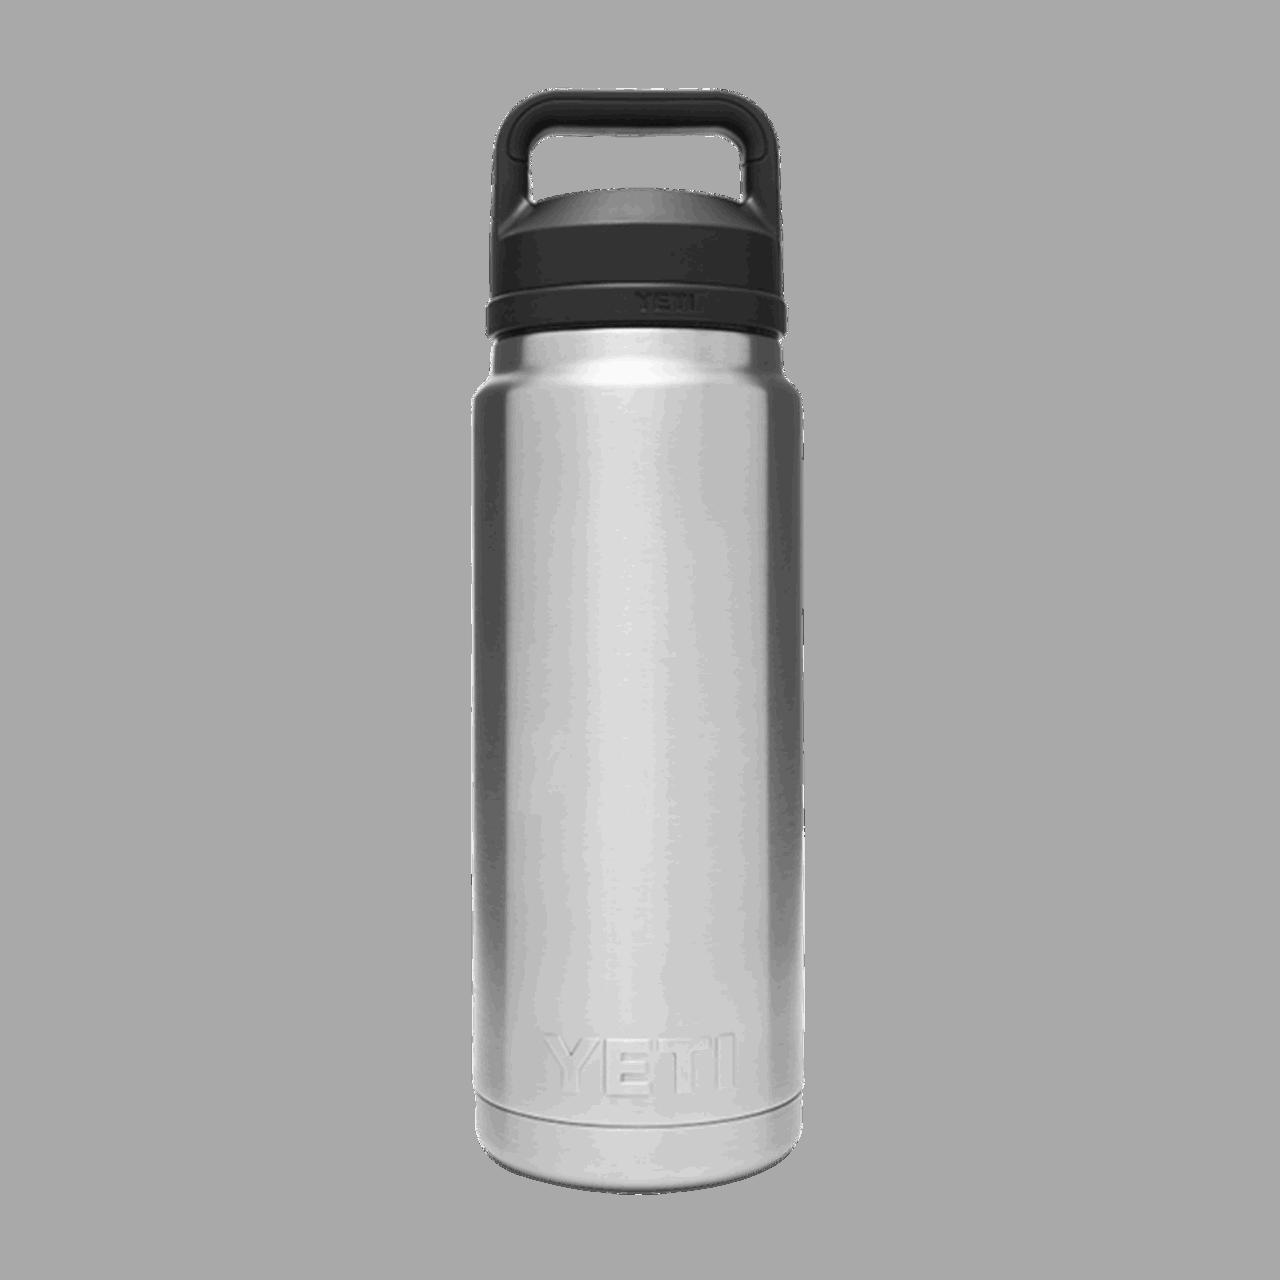 YETI Rambler 24oz Bottle Chug- steel